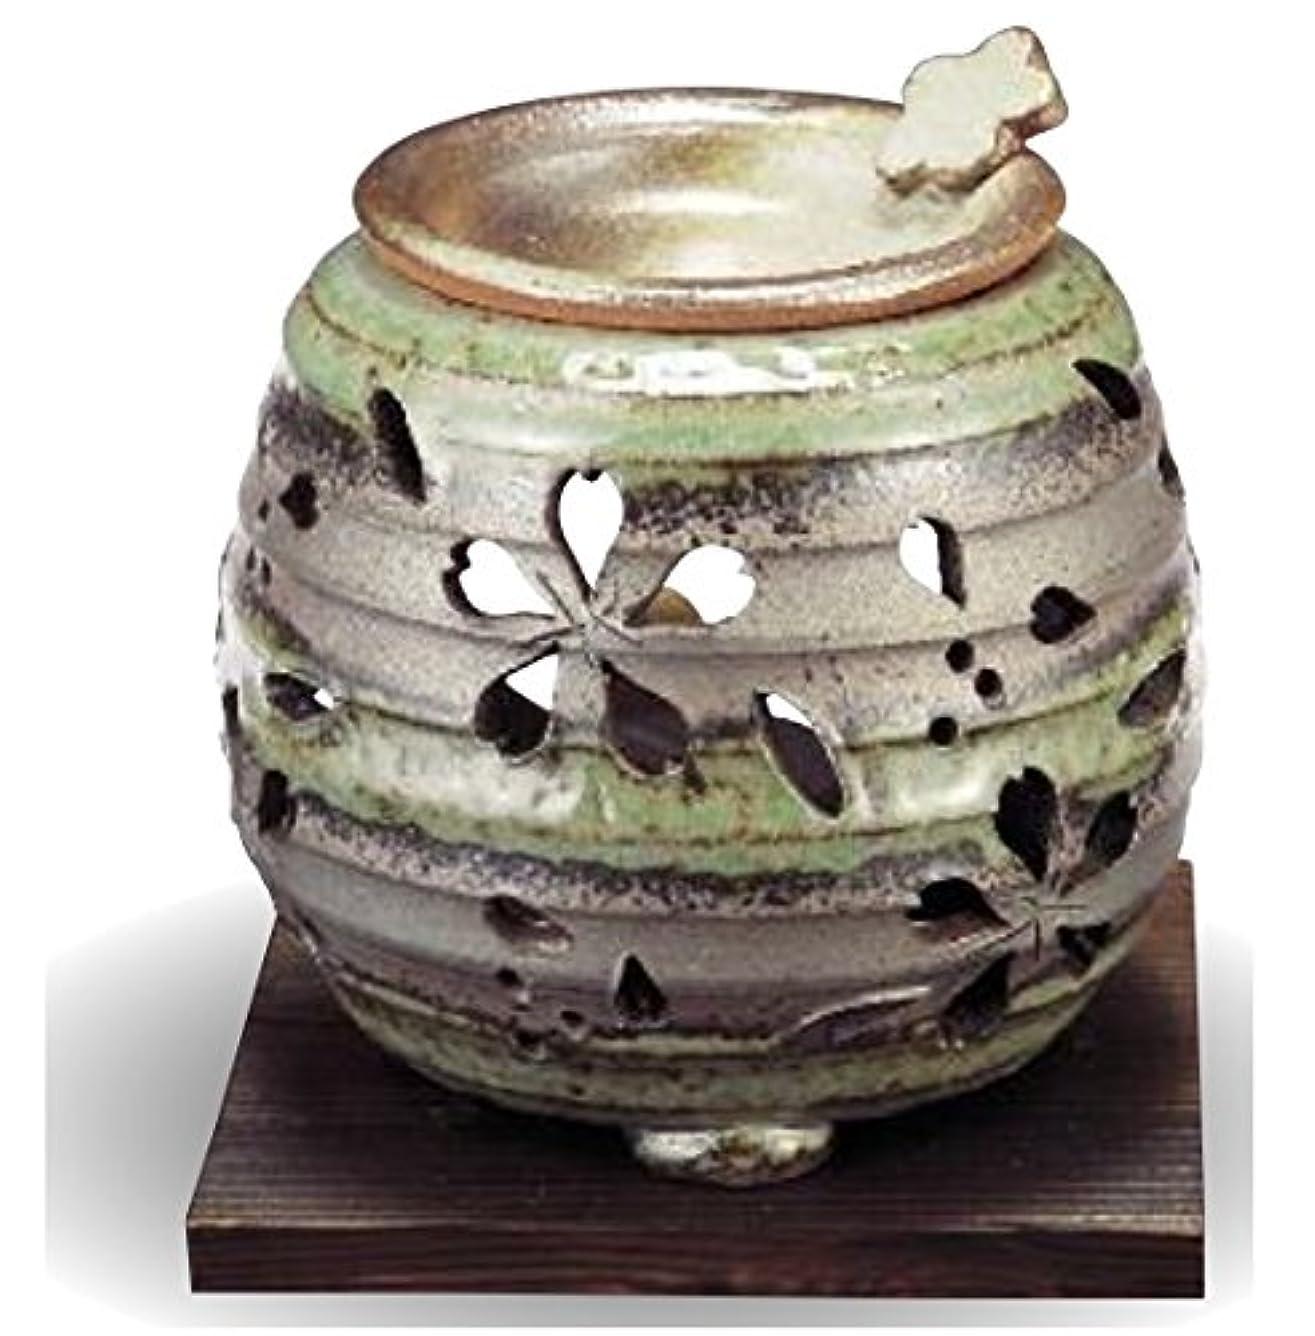 実験的勇敢なアーク常滑焼 茶香炉(アロマポット)径10×高さ9cm